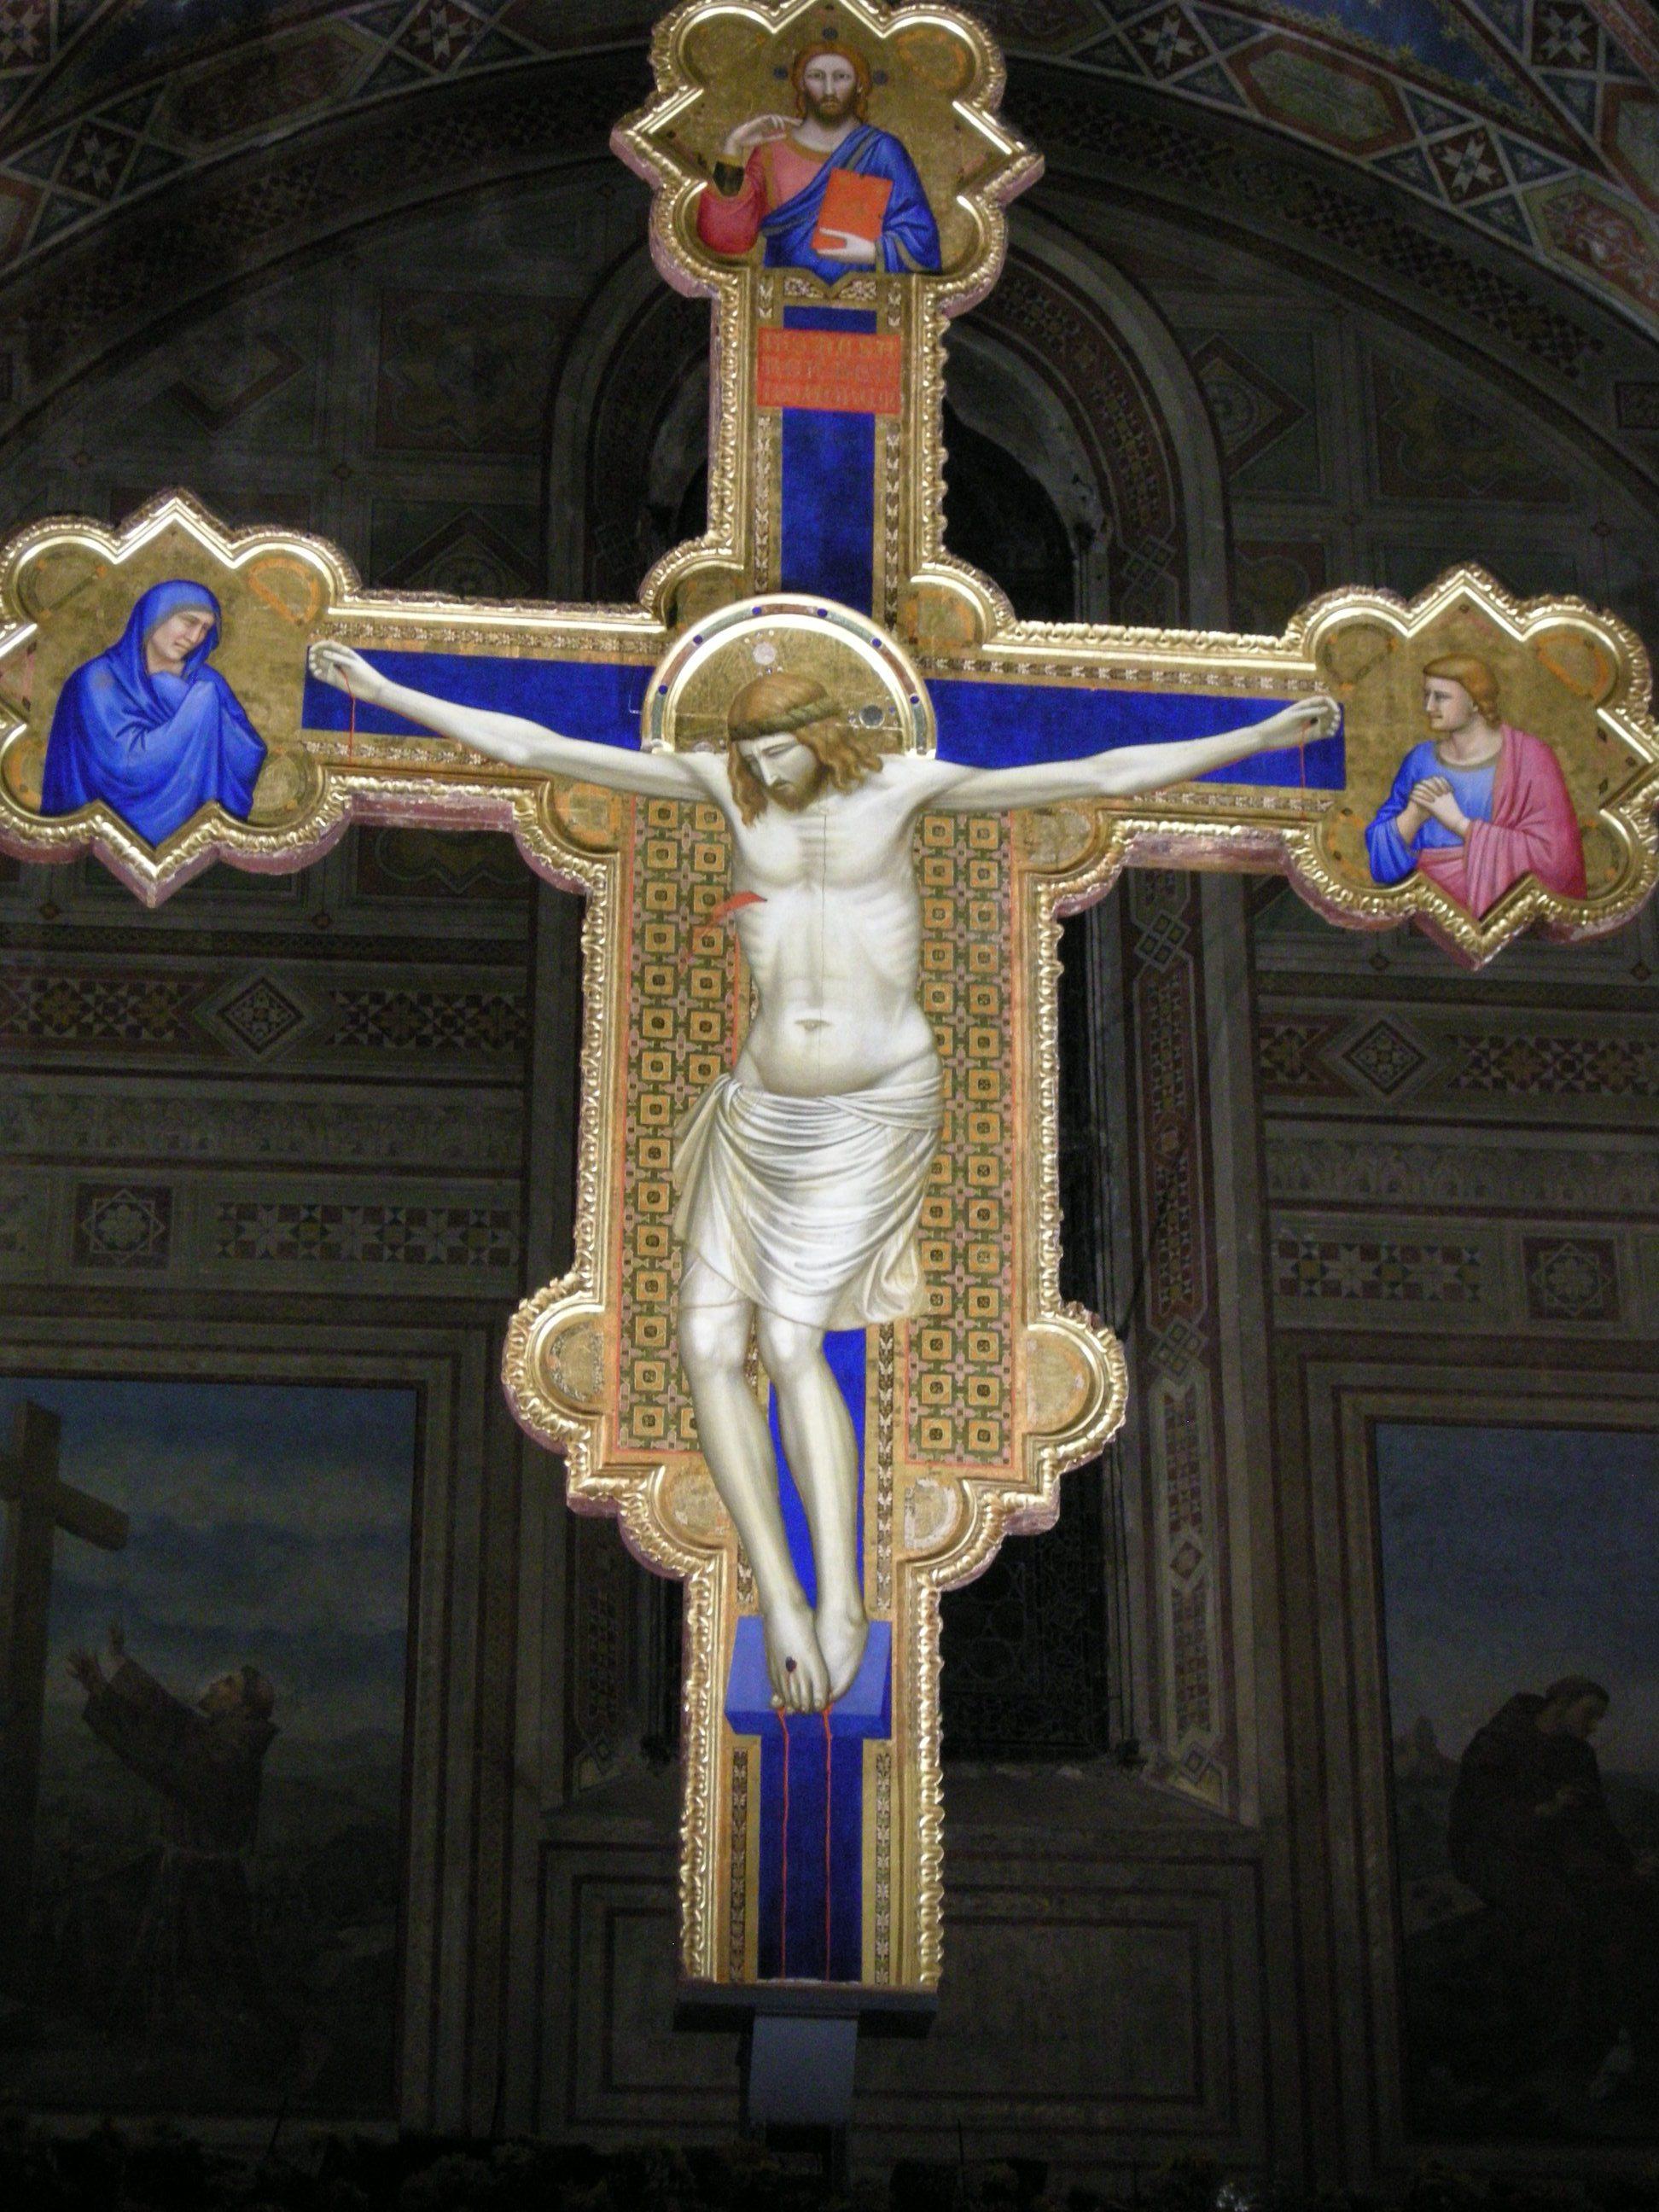 GIOTTO, Crocifisso di Ognissanti, 1315 ca., tempera e oro su tavola, cm 468 x 375, Firenze, Chiesa di Ognissanti